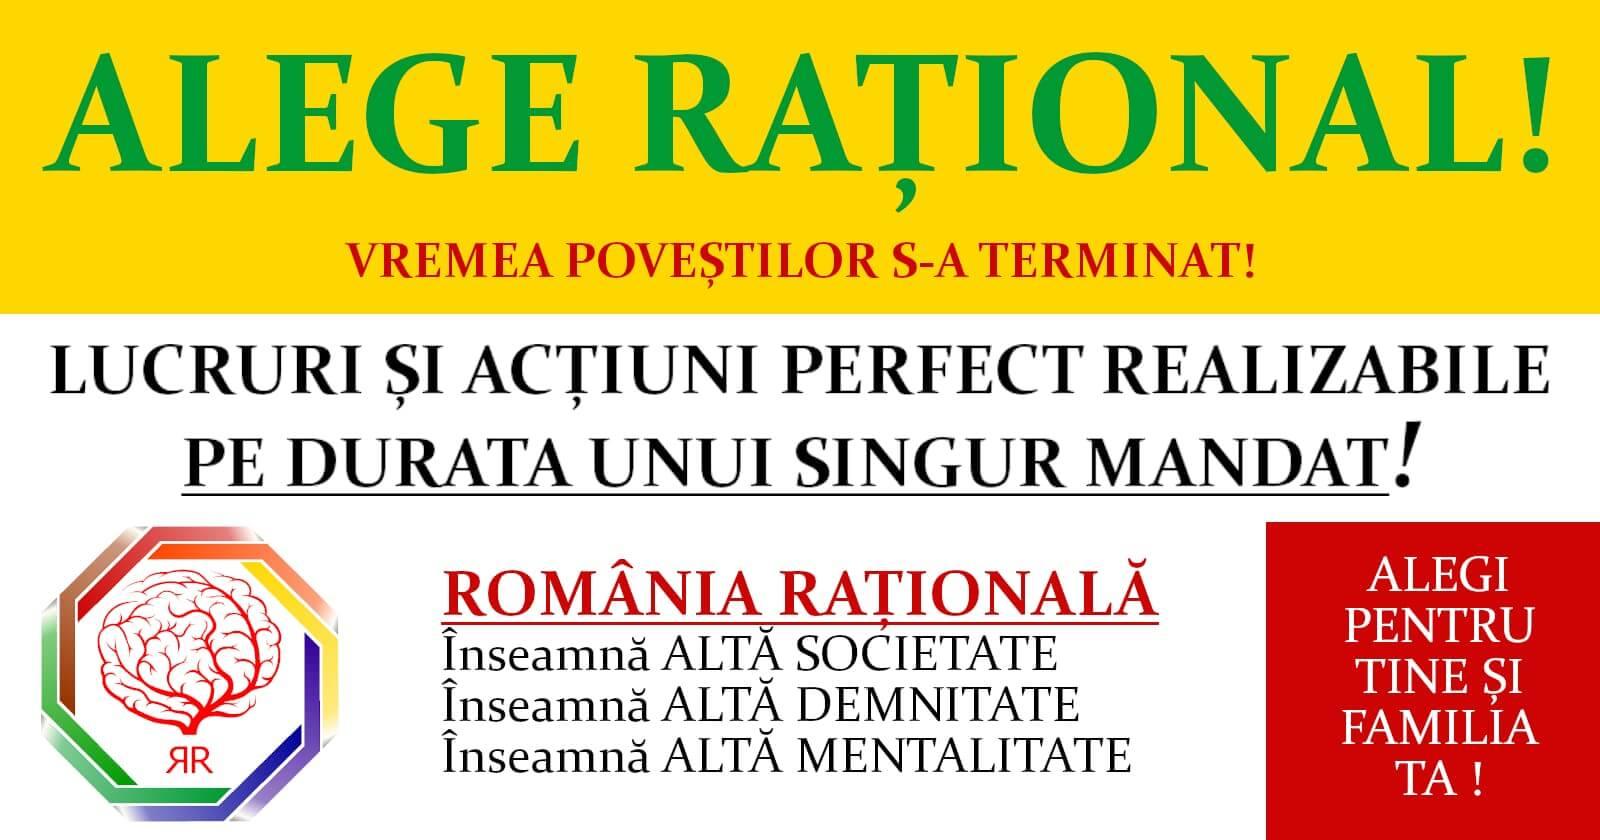 https://ziarul.romania-rationala.ro/control/articole/articole/alege-rational-vremea-povestilor-s-a-terminat.jpg